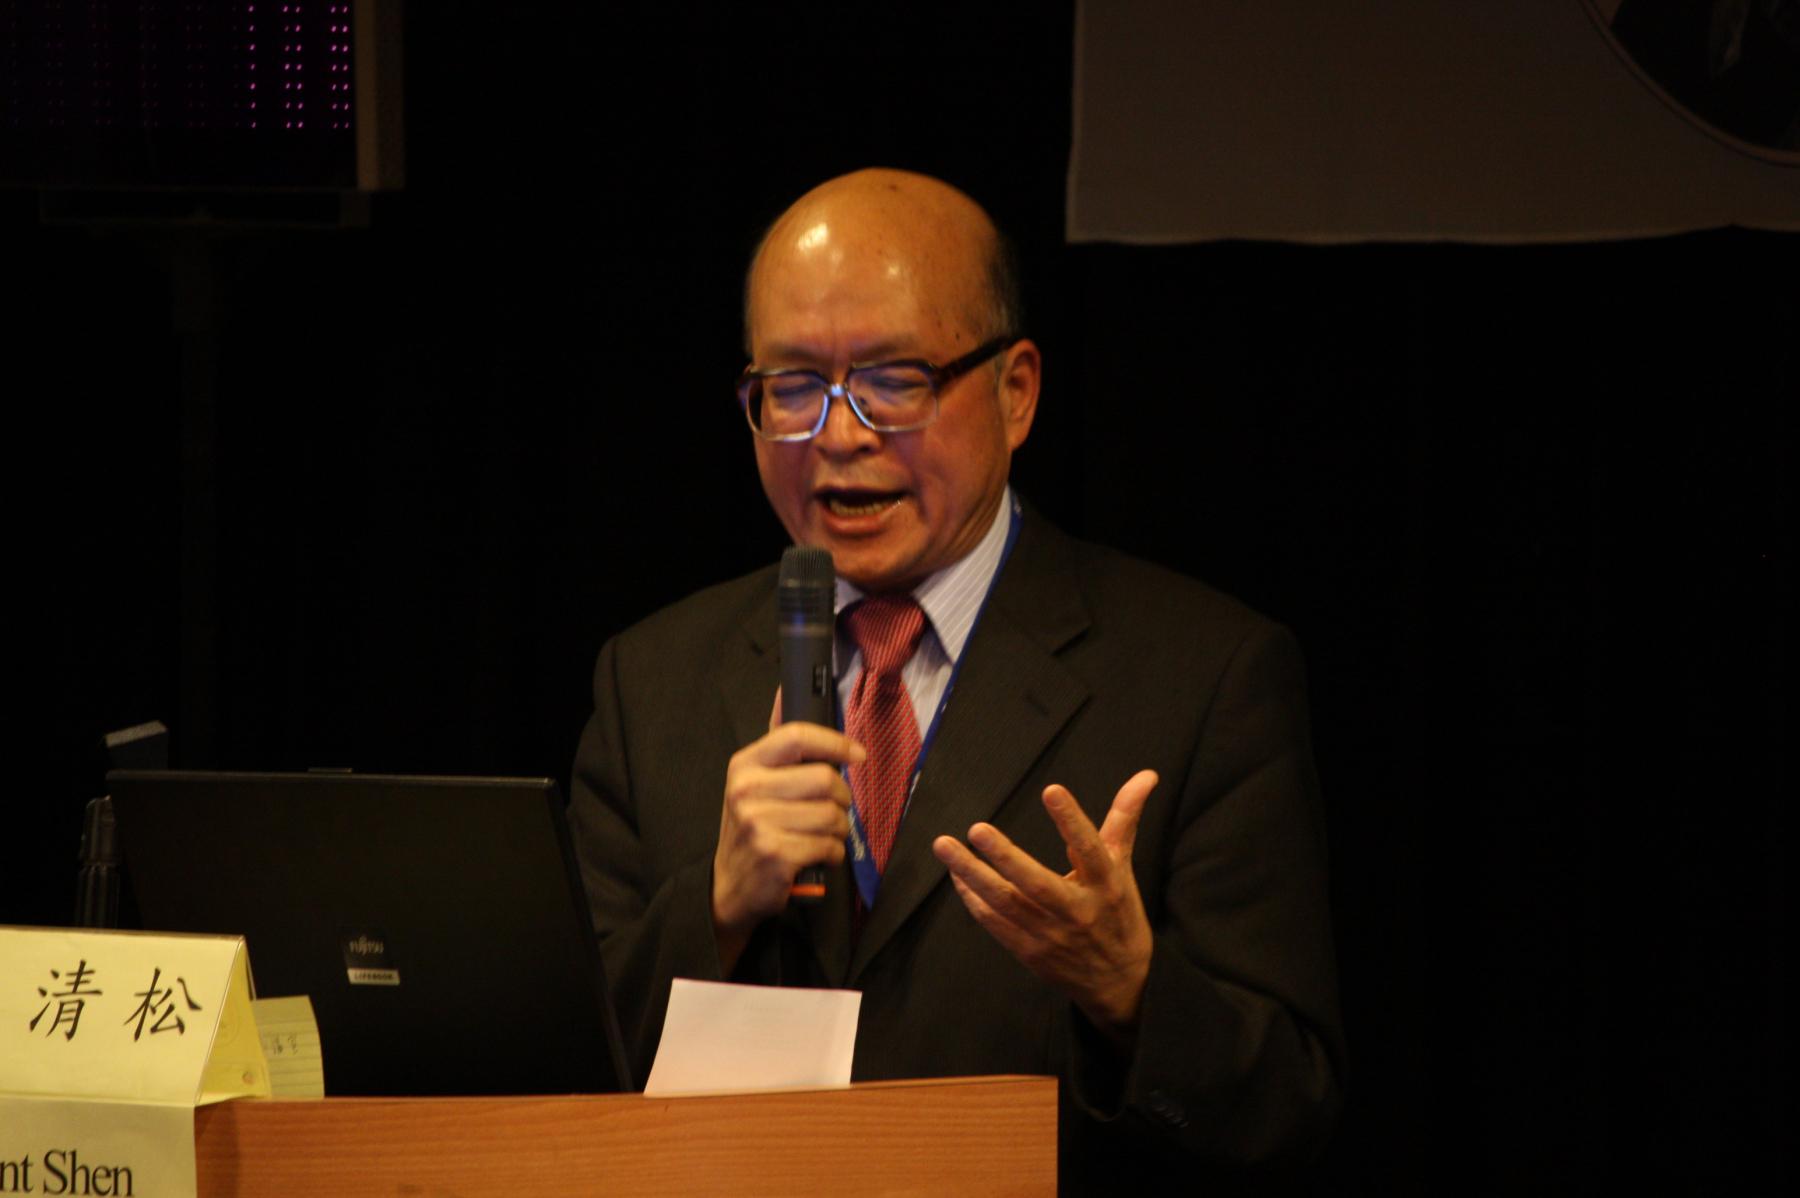 201004紀念利瑪竇逝世四百週年國際學術研討會-41